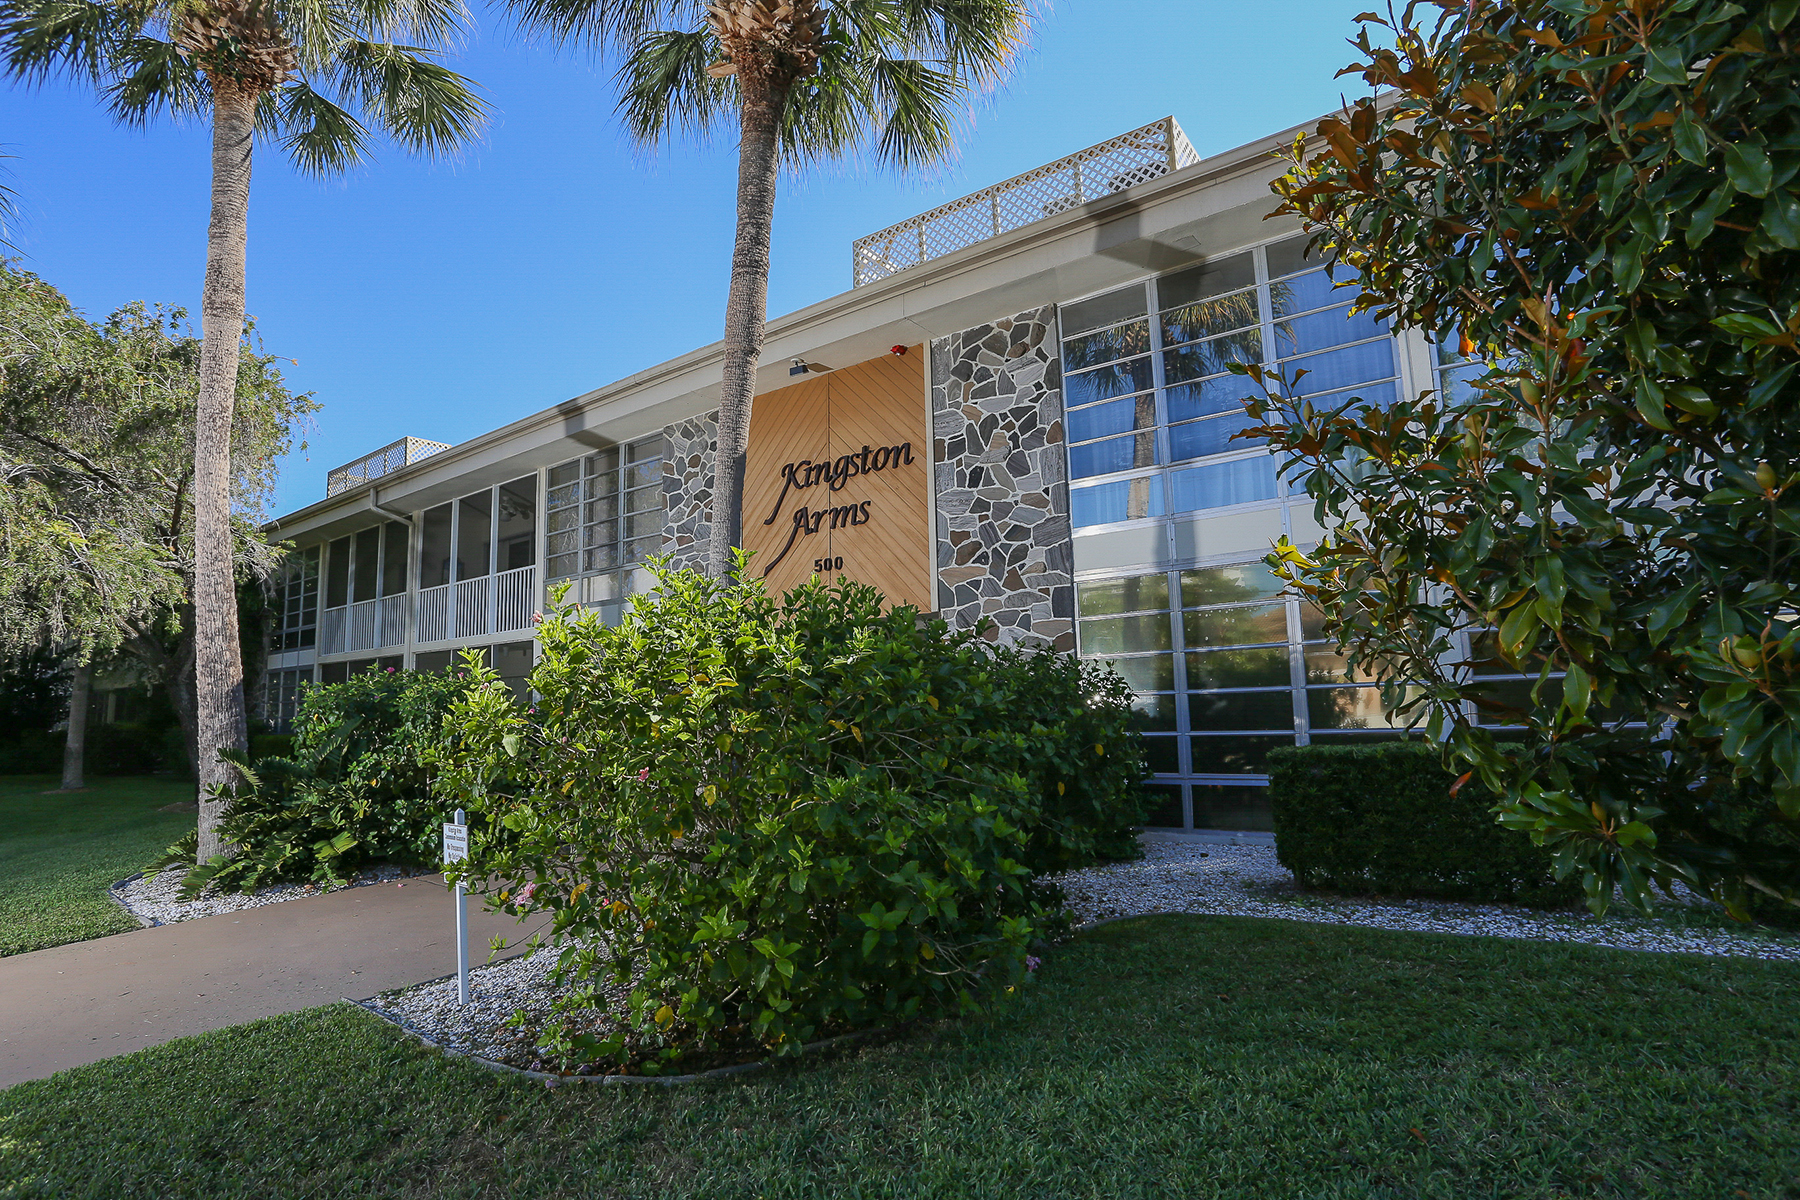 Appartement en copropriété pour l à louer à KINGSTON ARMS - SARASOTA 500 S Washington Dr 5A Sarasota, Florida 34236 États-Unis